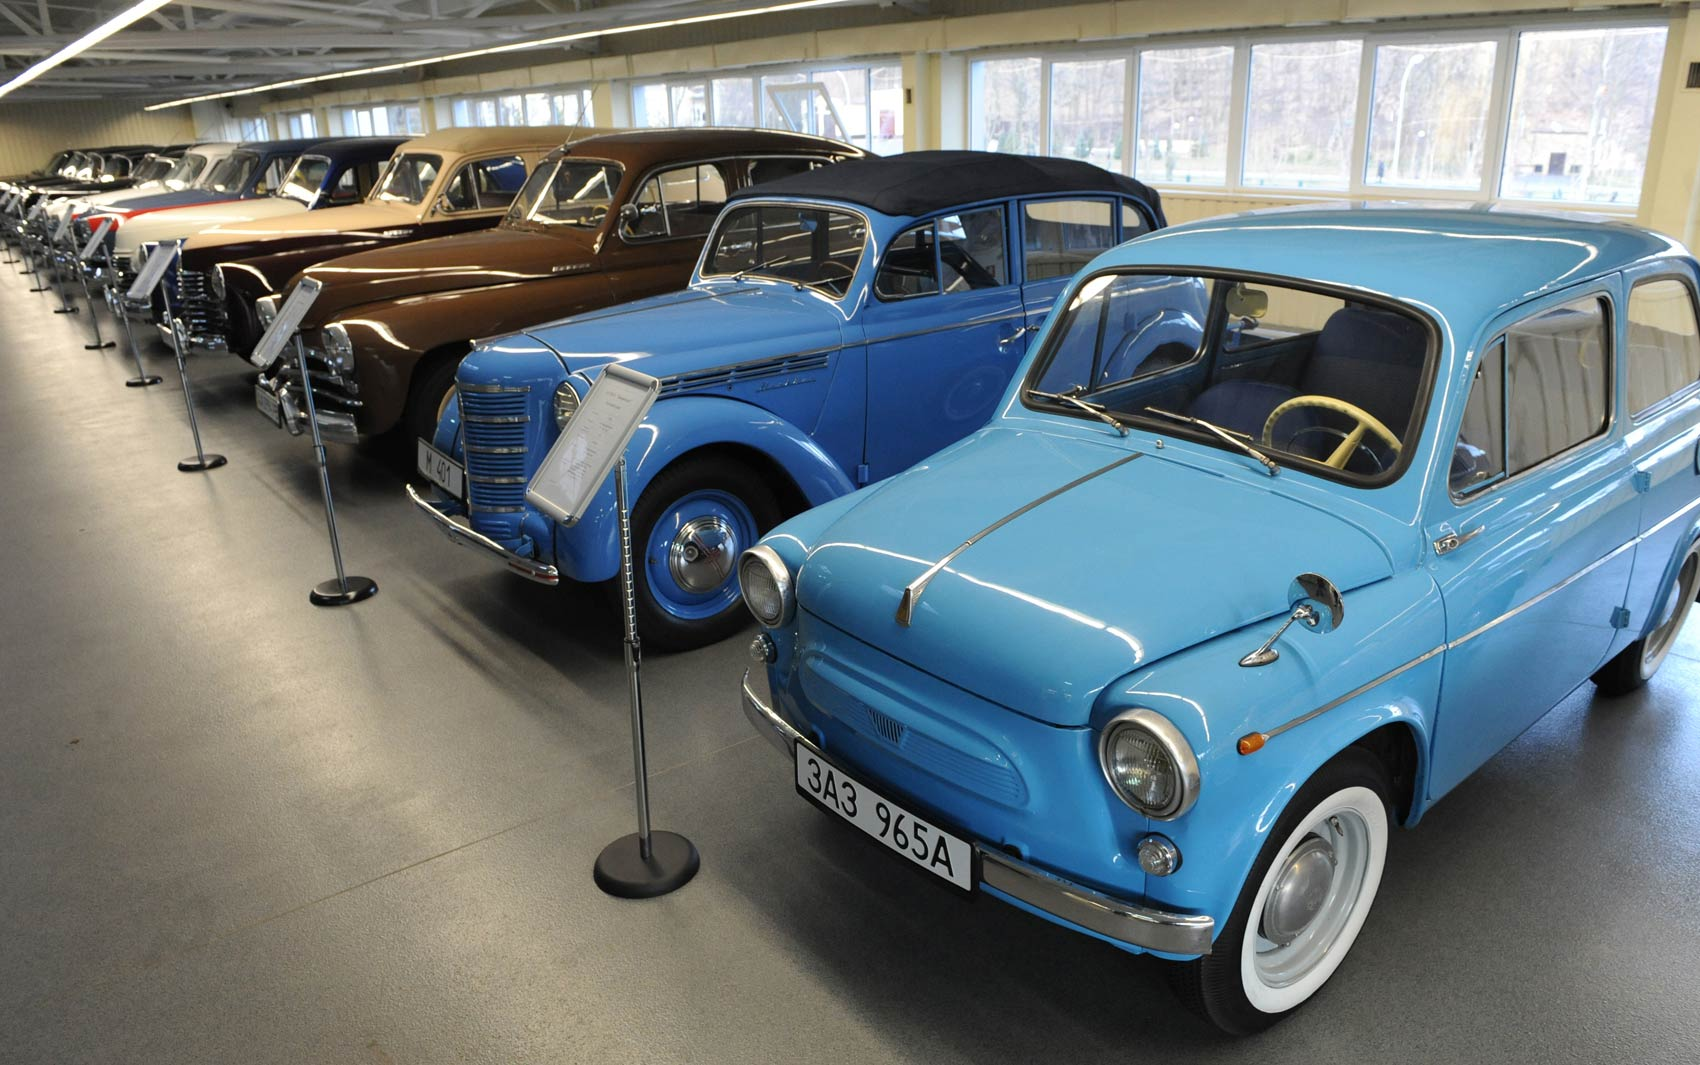 Coleção de carros antigos é vista na garagem da Mezhyhirya, residência do presidente deposto Viktor Yanukovich, perto de Kiev